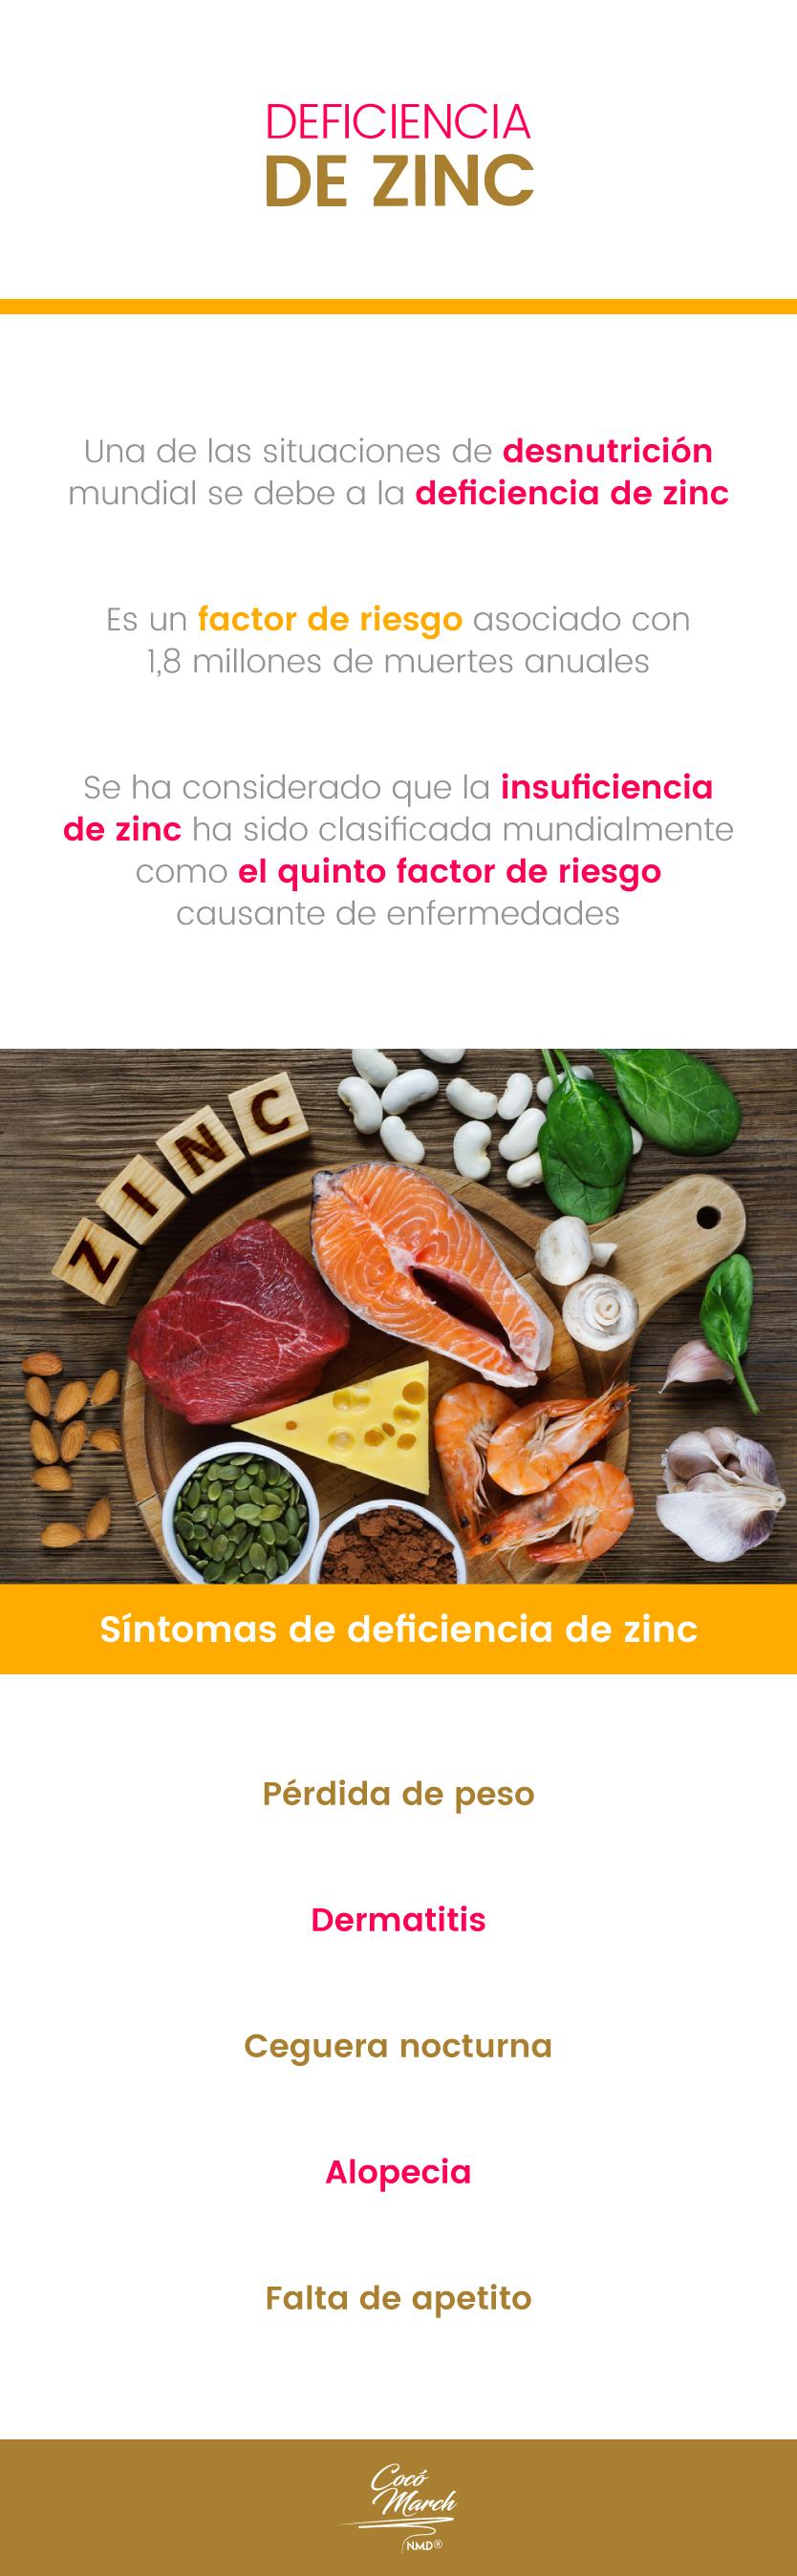 deficiencia-de-zinc